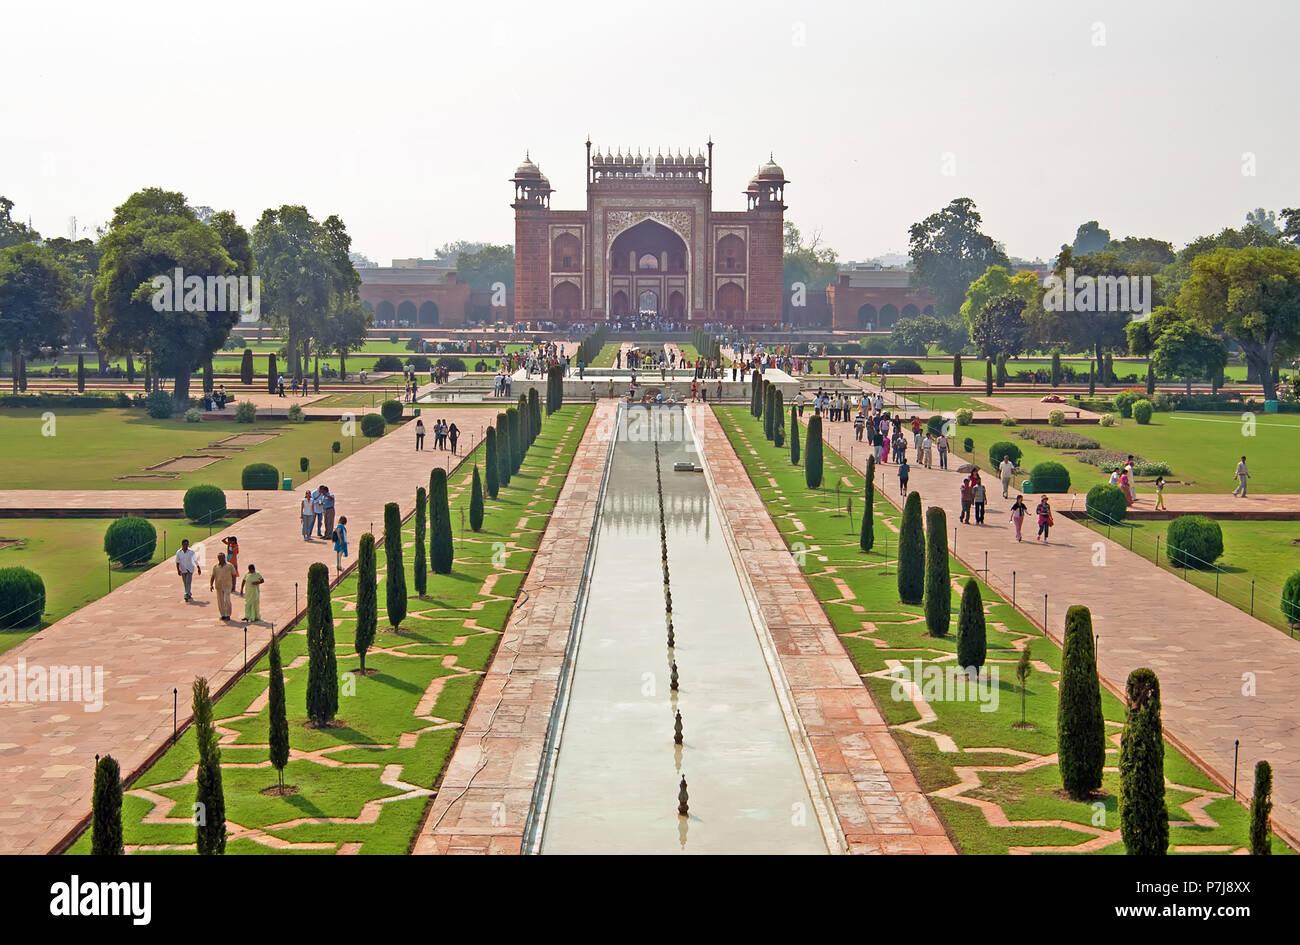 AGRA, INDIA - Octubre 18, 2008: vista de la entrada al complejo Taj Mahal en Agra, India. Fue encargado en 1632 por el emperador Mughal Imagen De Stock